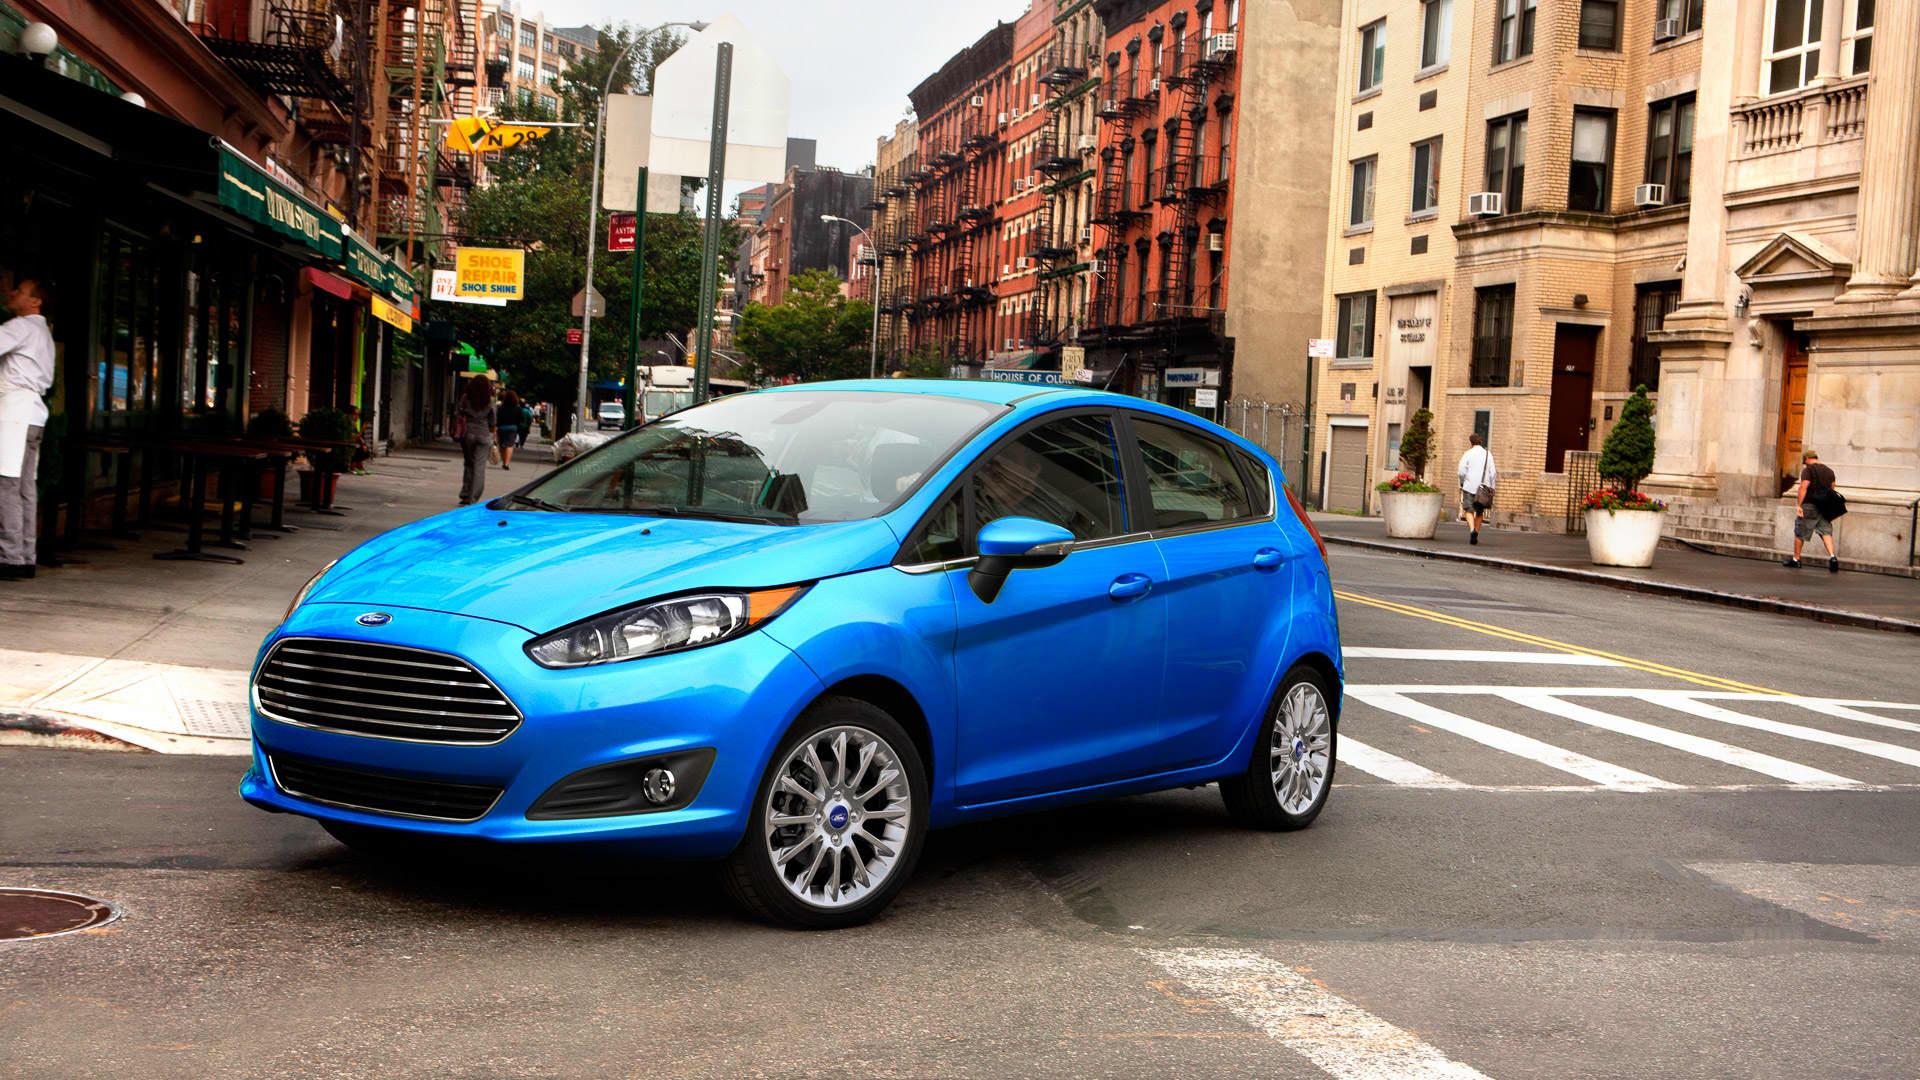 Ford ile ilgili görsel sonucu